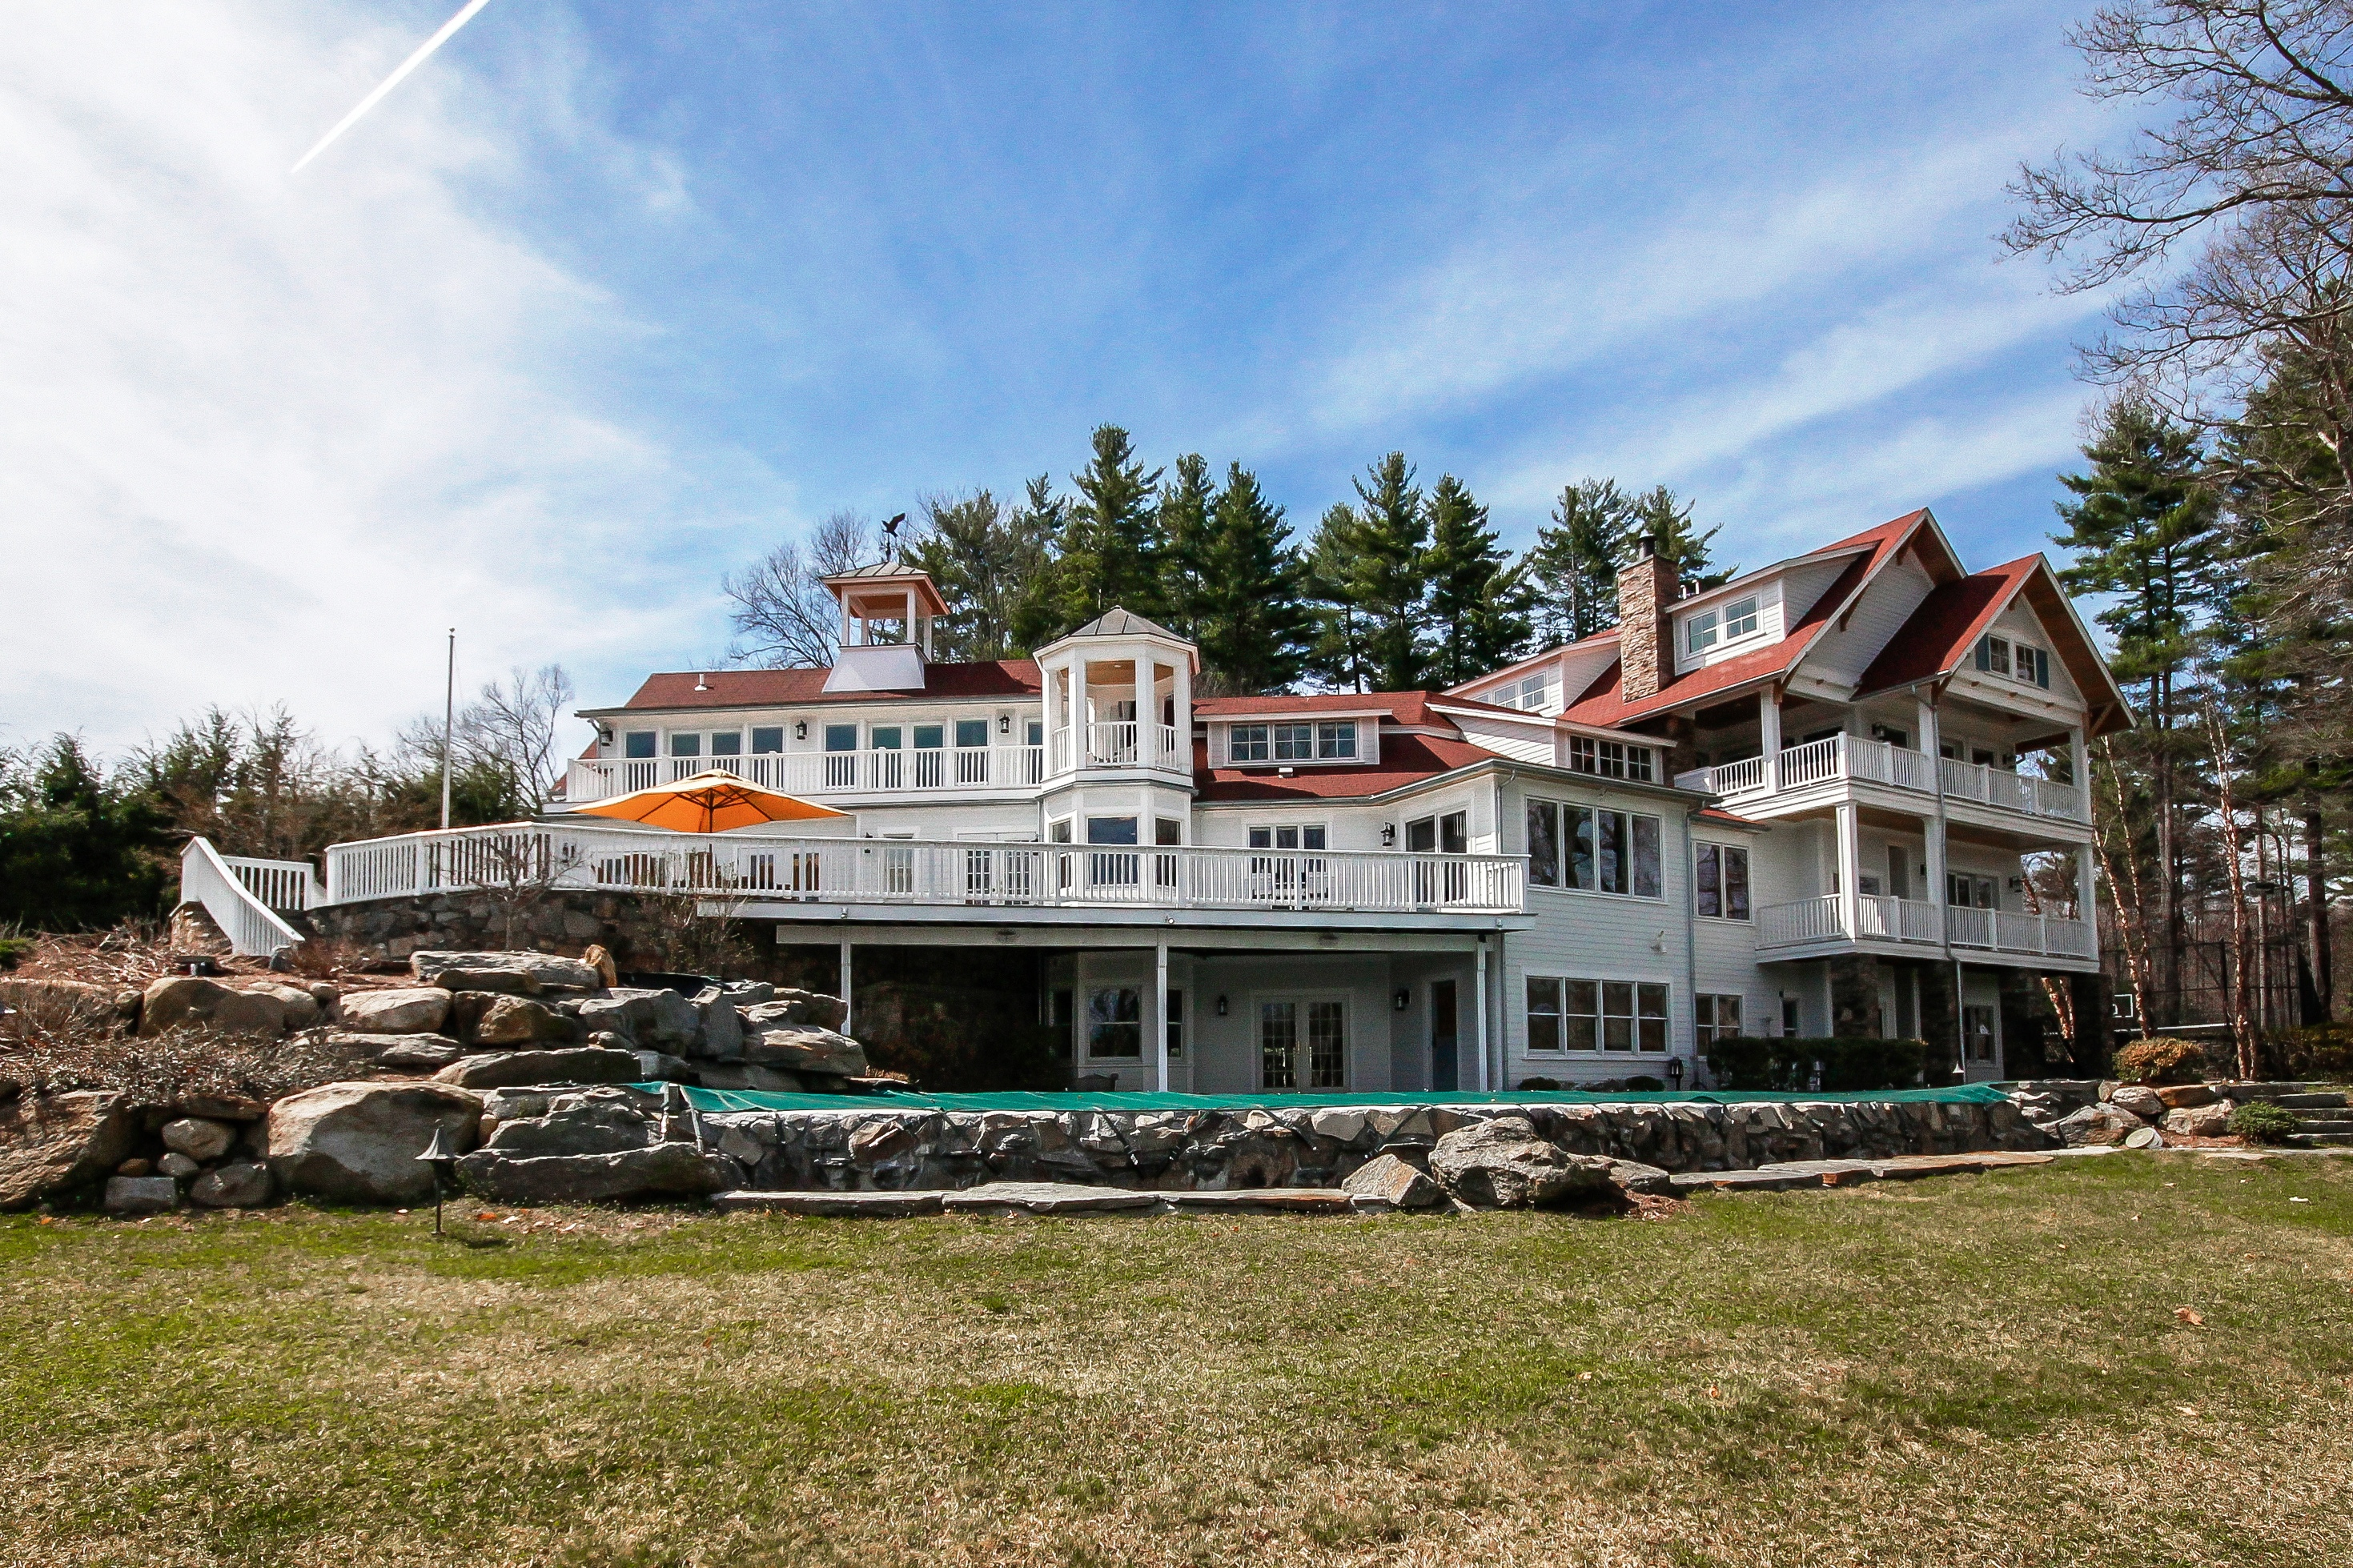 独户住宅 为 销售 在 Spectacular Sweeping Waterfront Views 28 Deerfield Road 布鲁克菲尔德, 康涅狄格州, 06804 美国